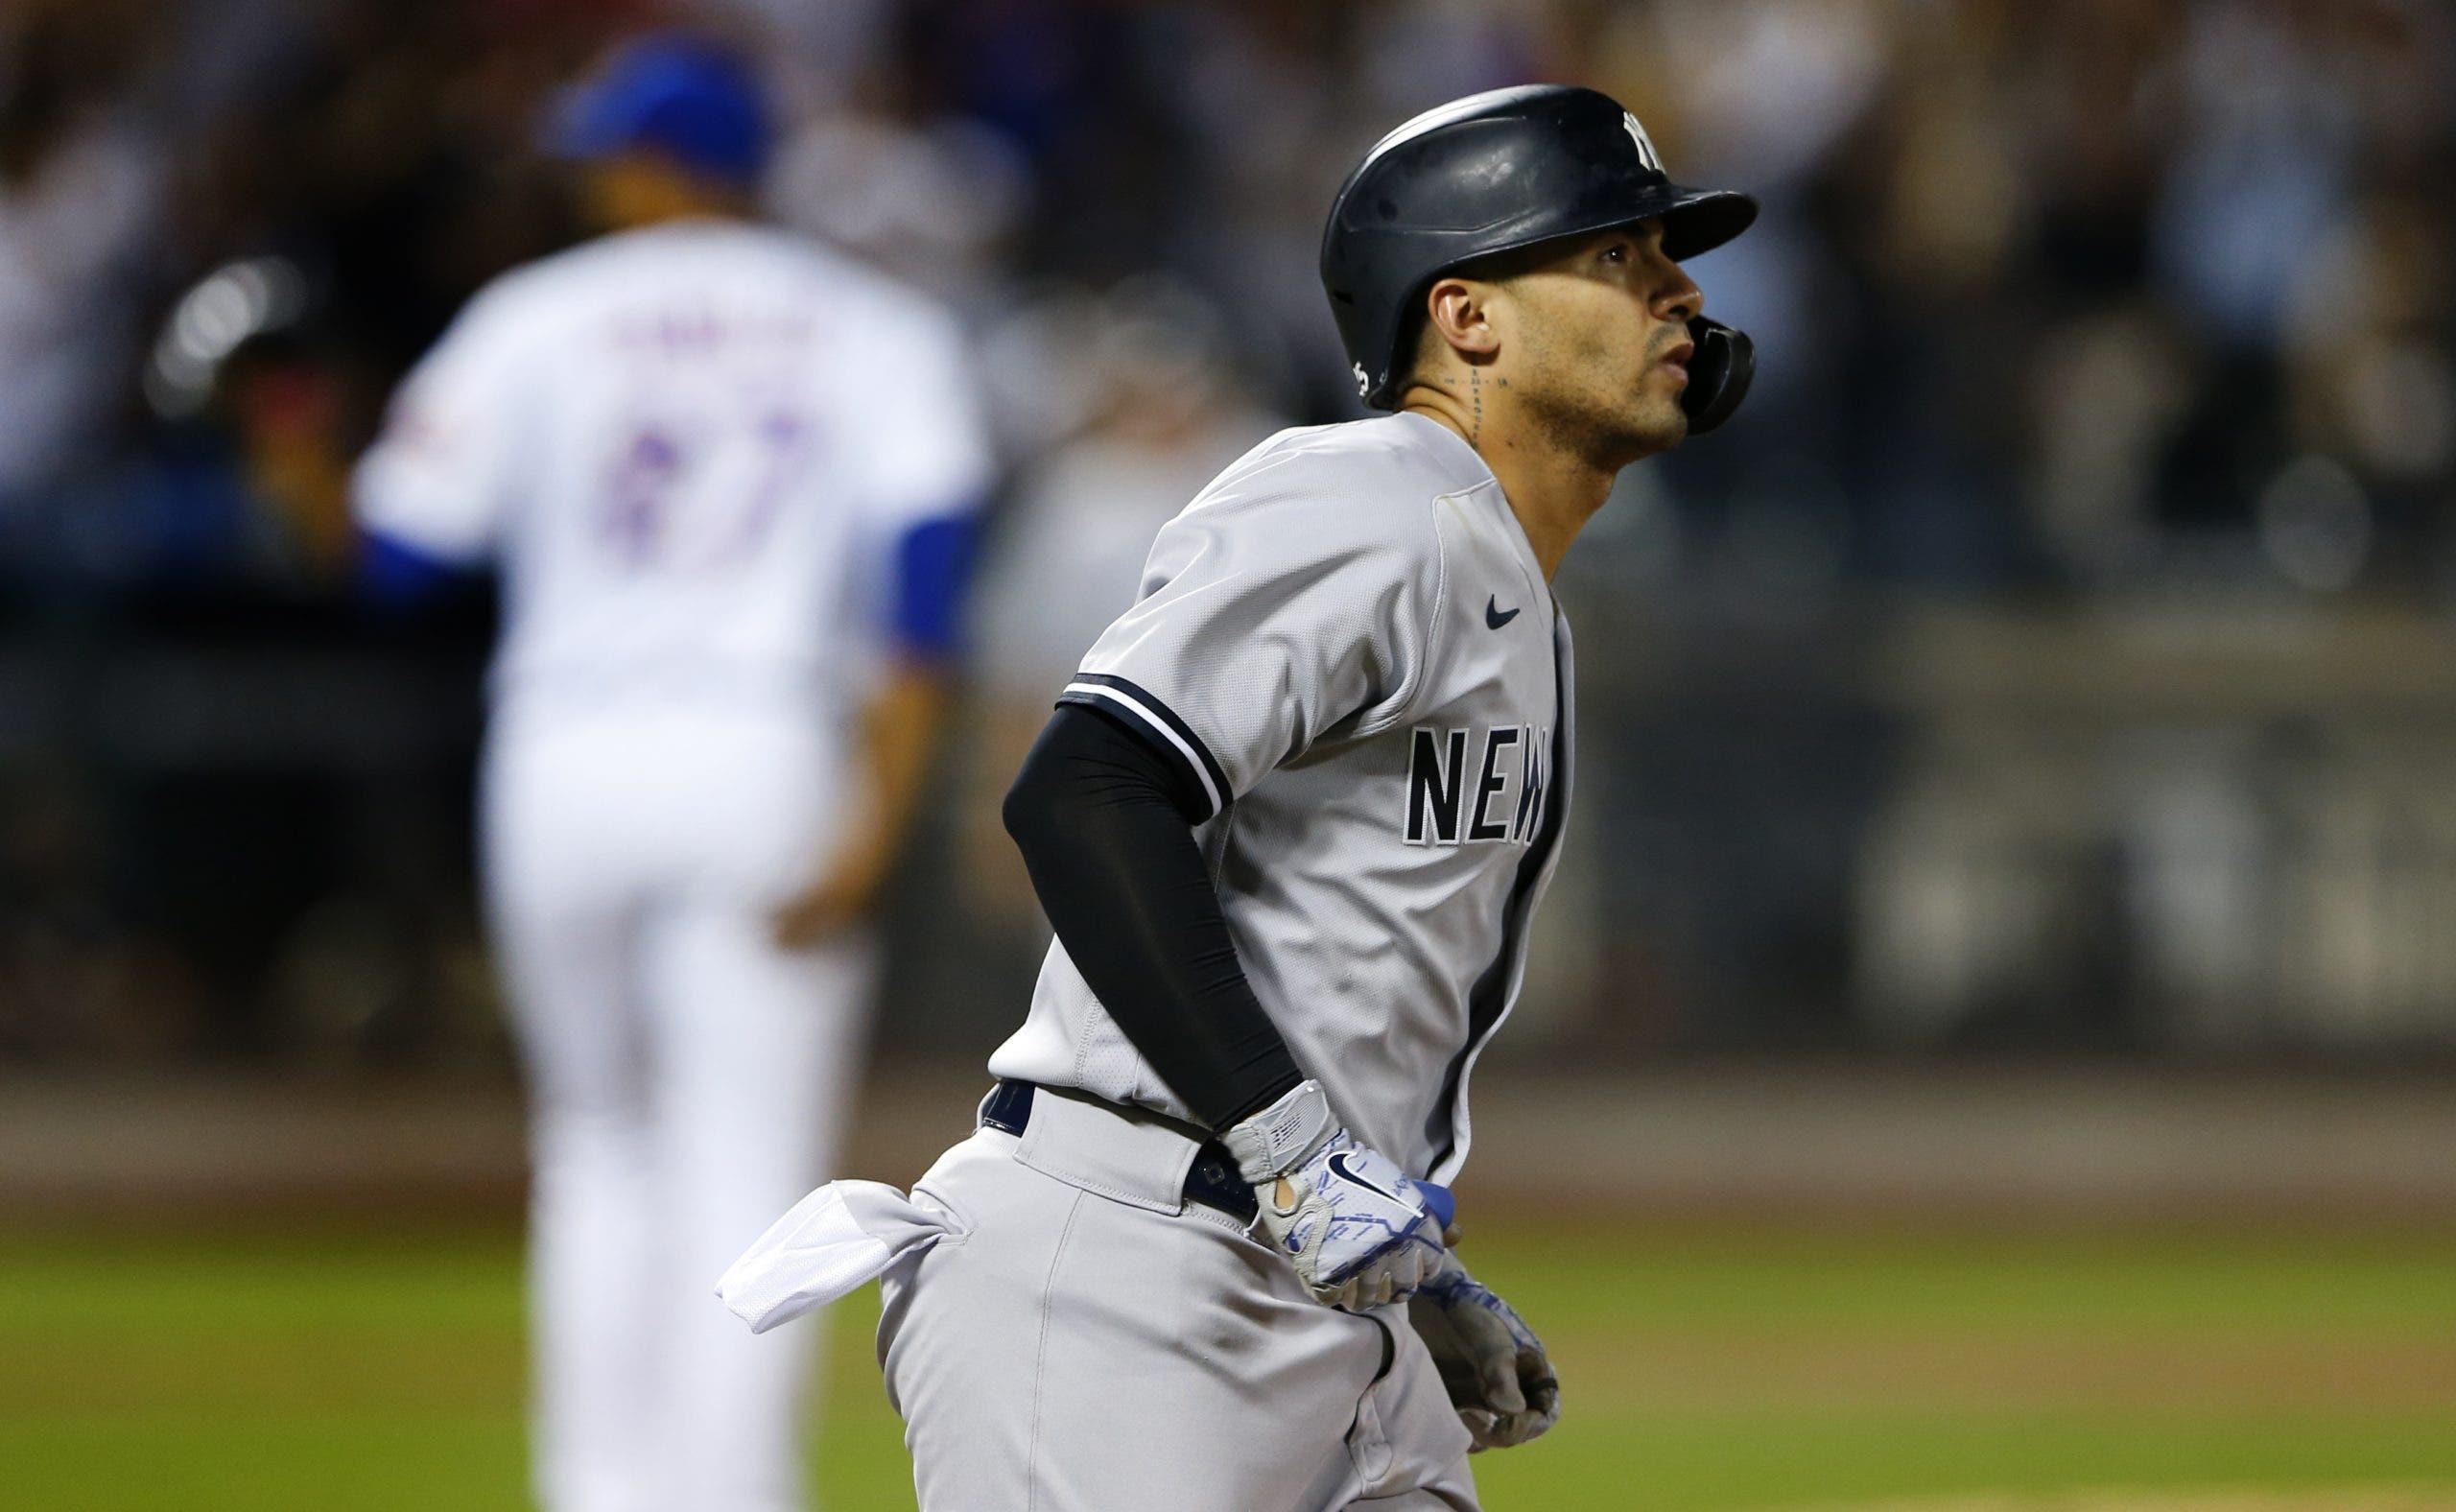 El venezolano Gleyber Torres vuelve a la segunda base con los Yanquis